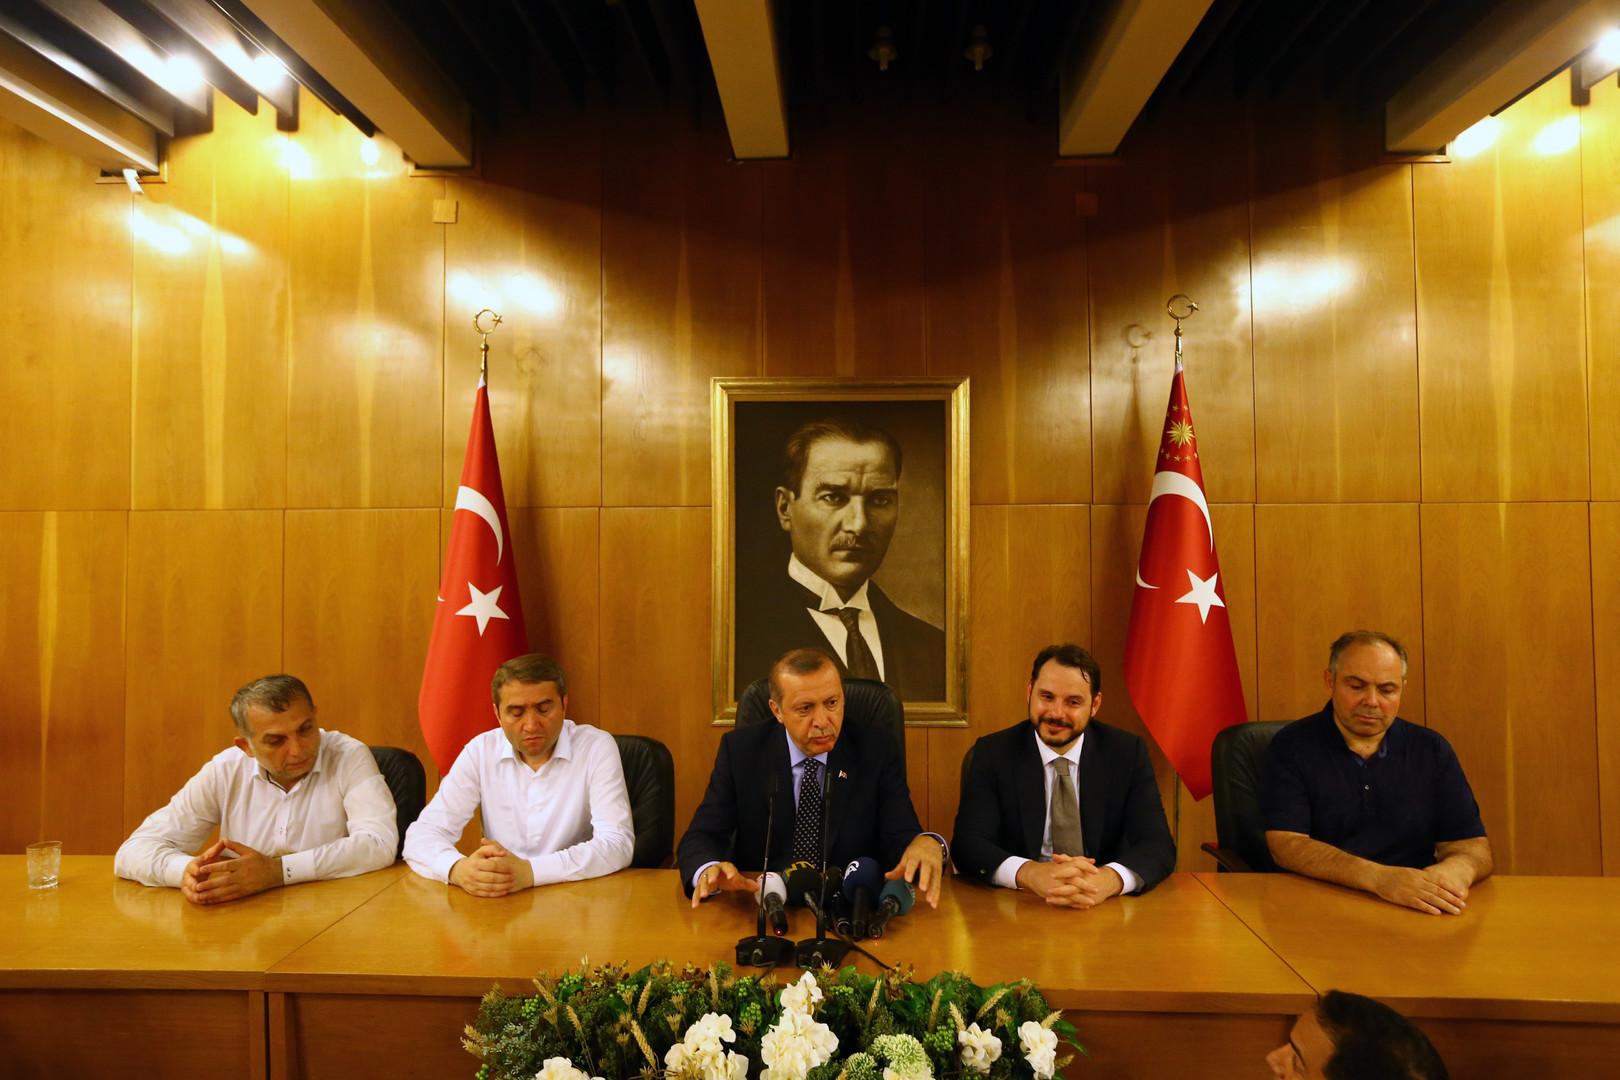 В Турции от работы отстранены почти 46 тыс. госслужащих